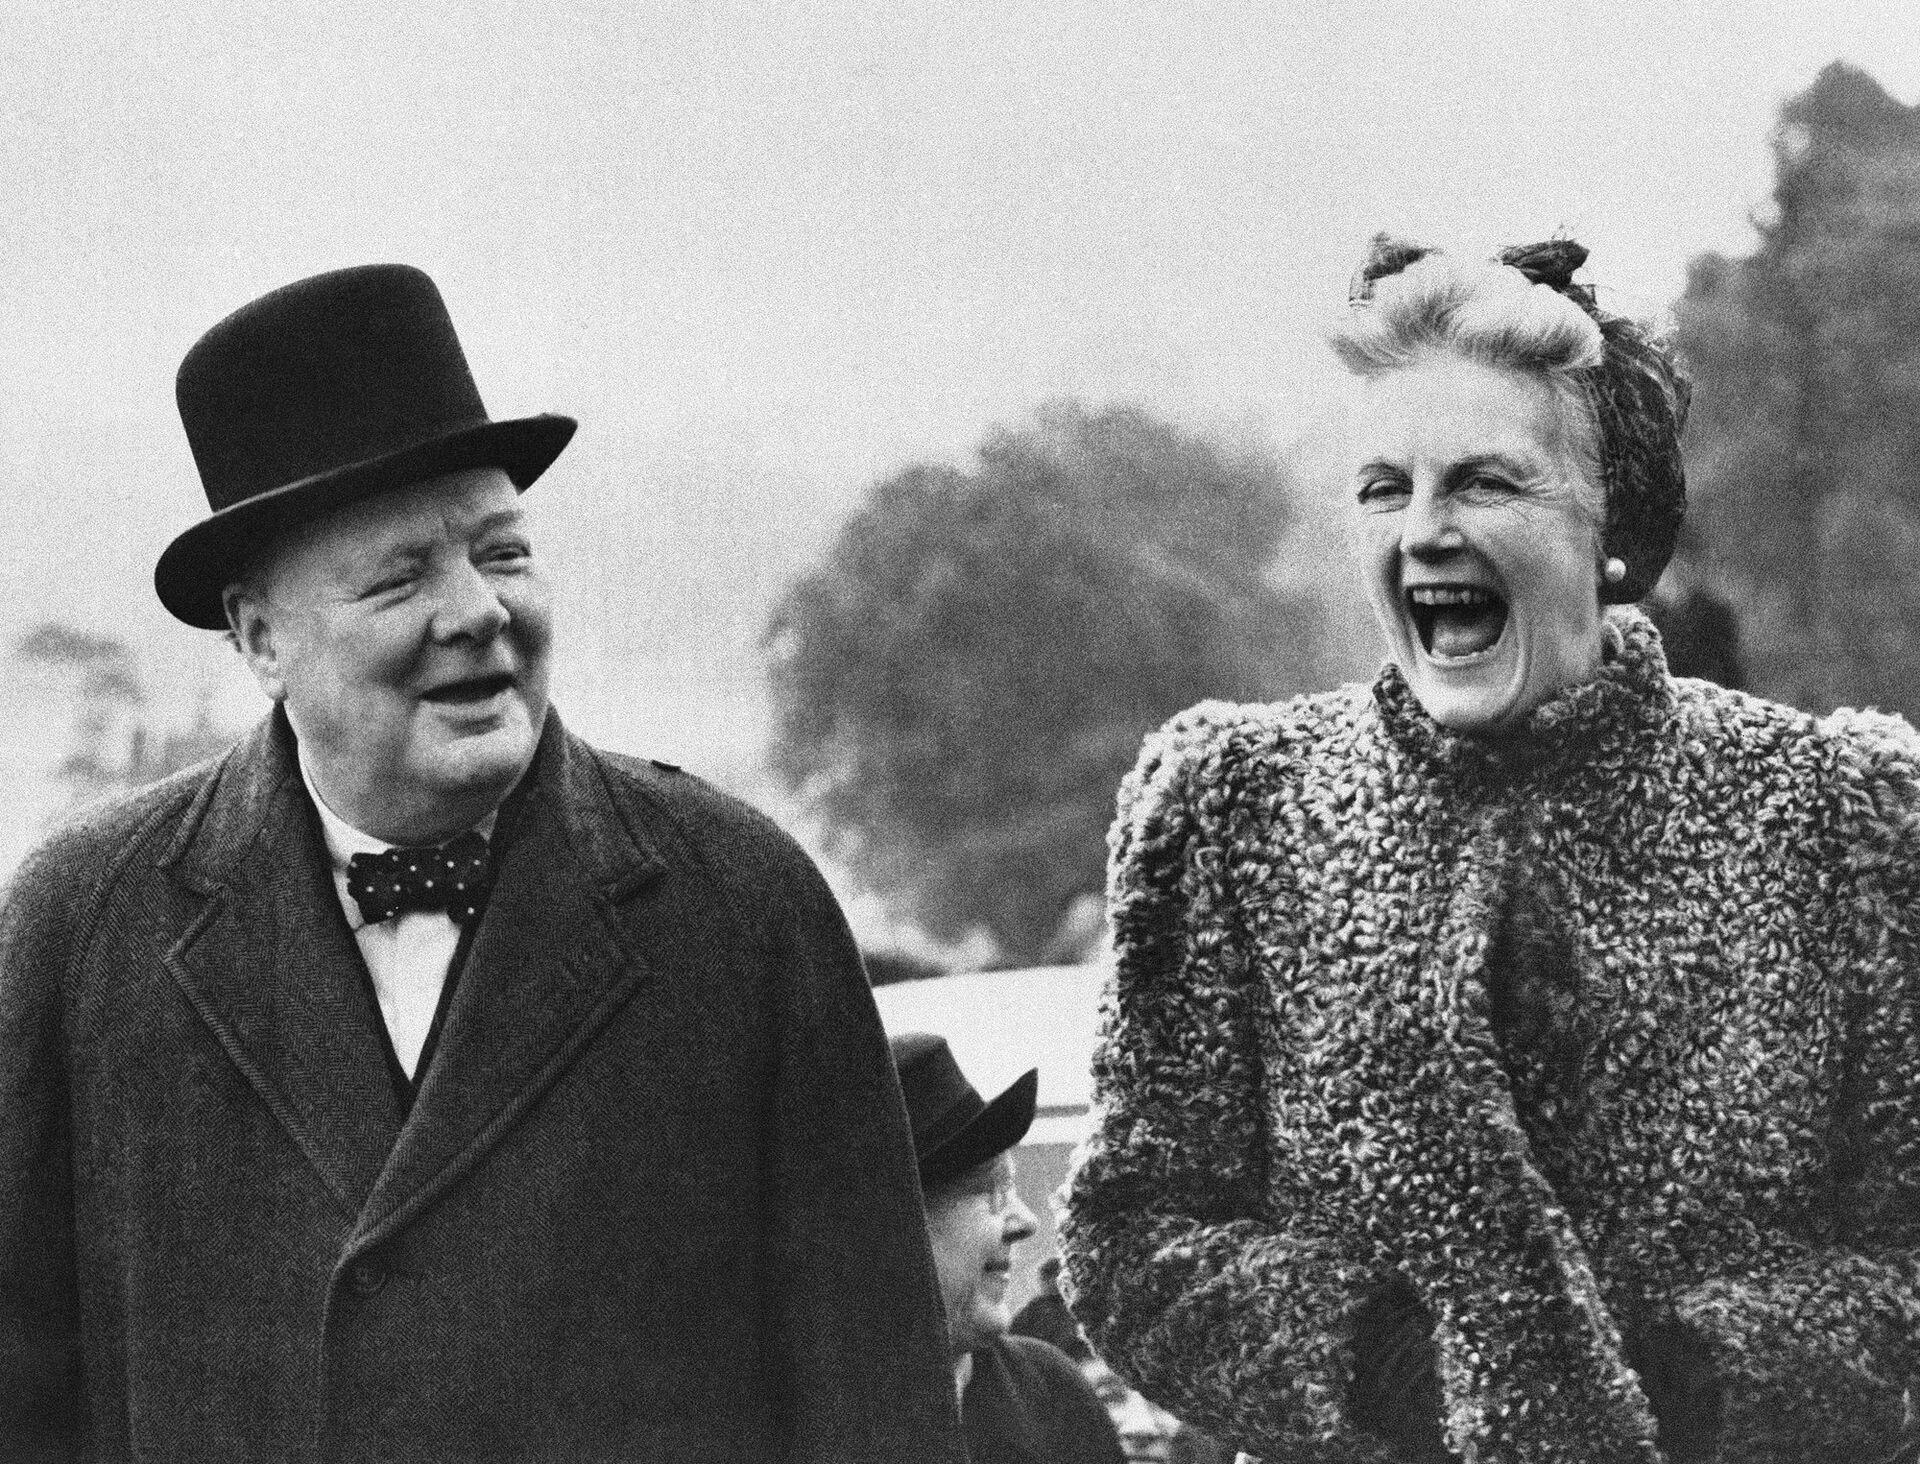 Премьер-министр Великобритании Уинстон Черчилль с женой Клементиной, 27 мая 1945 - РИА Новости, 1920, 15.09.2020